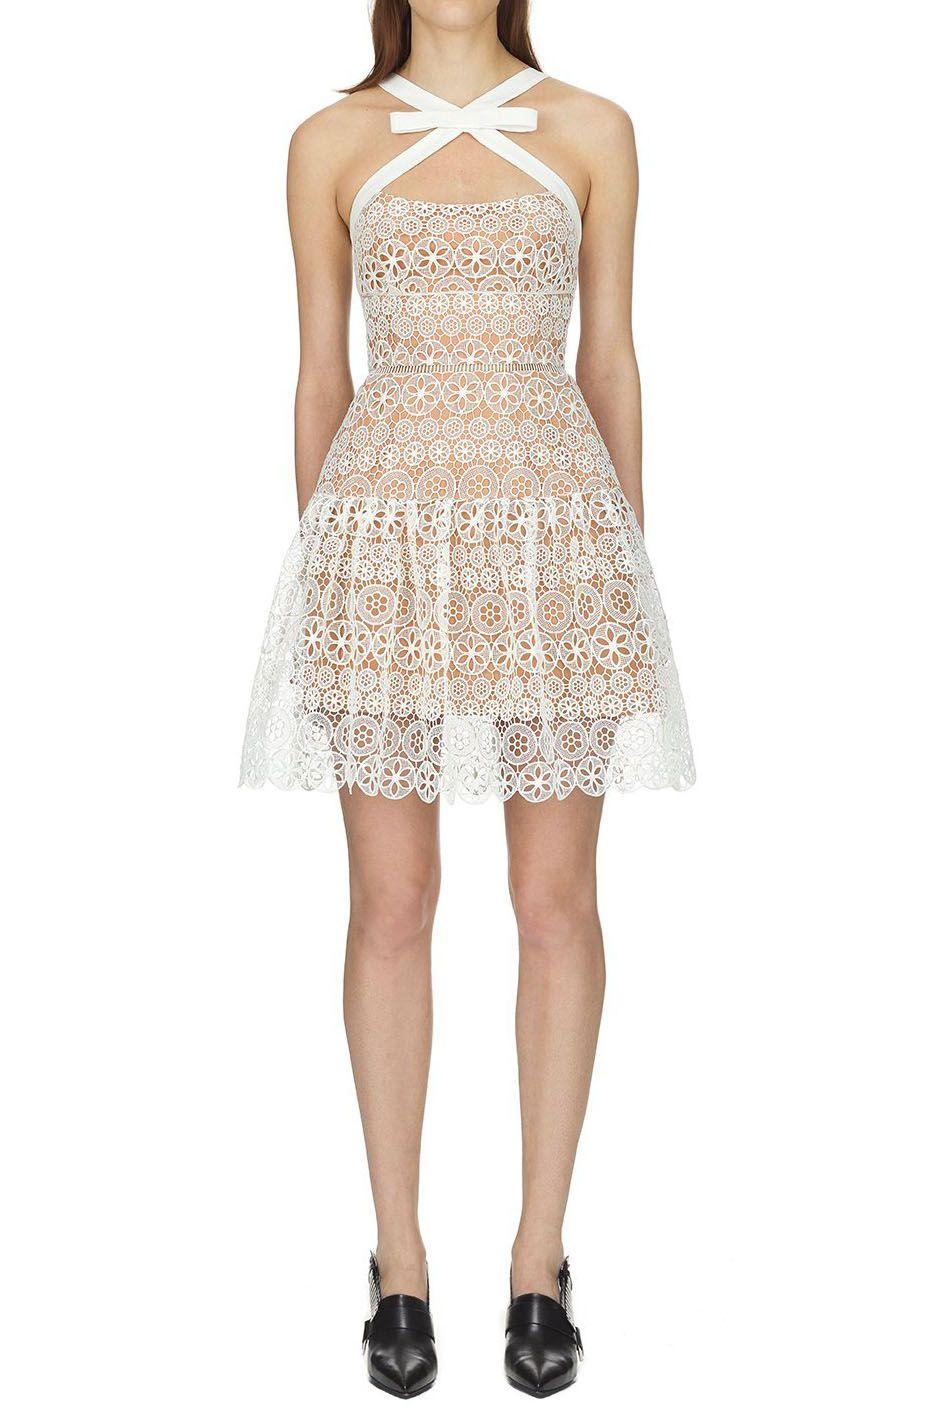 1c8d0352099c8 Self Portrait White Circle Floral Lace Mini Dress | Clothes | Floral ...